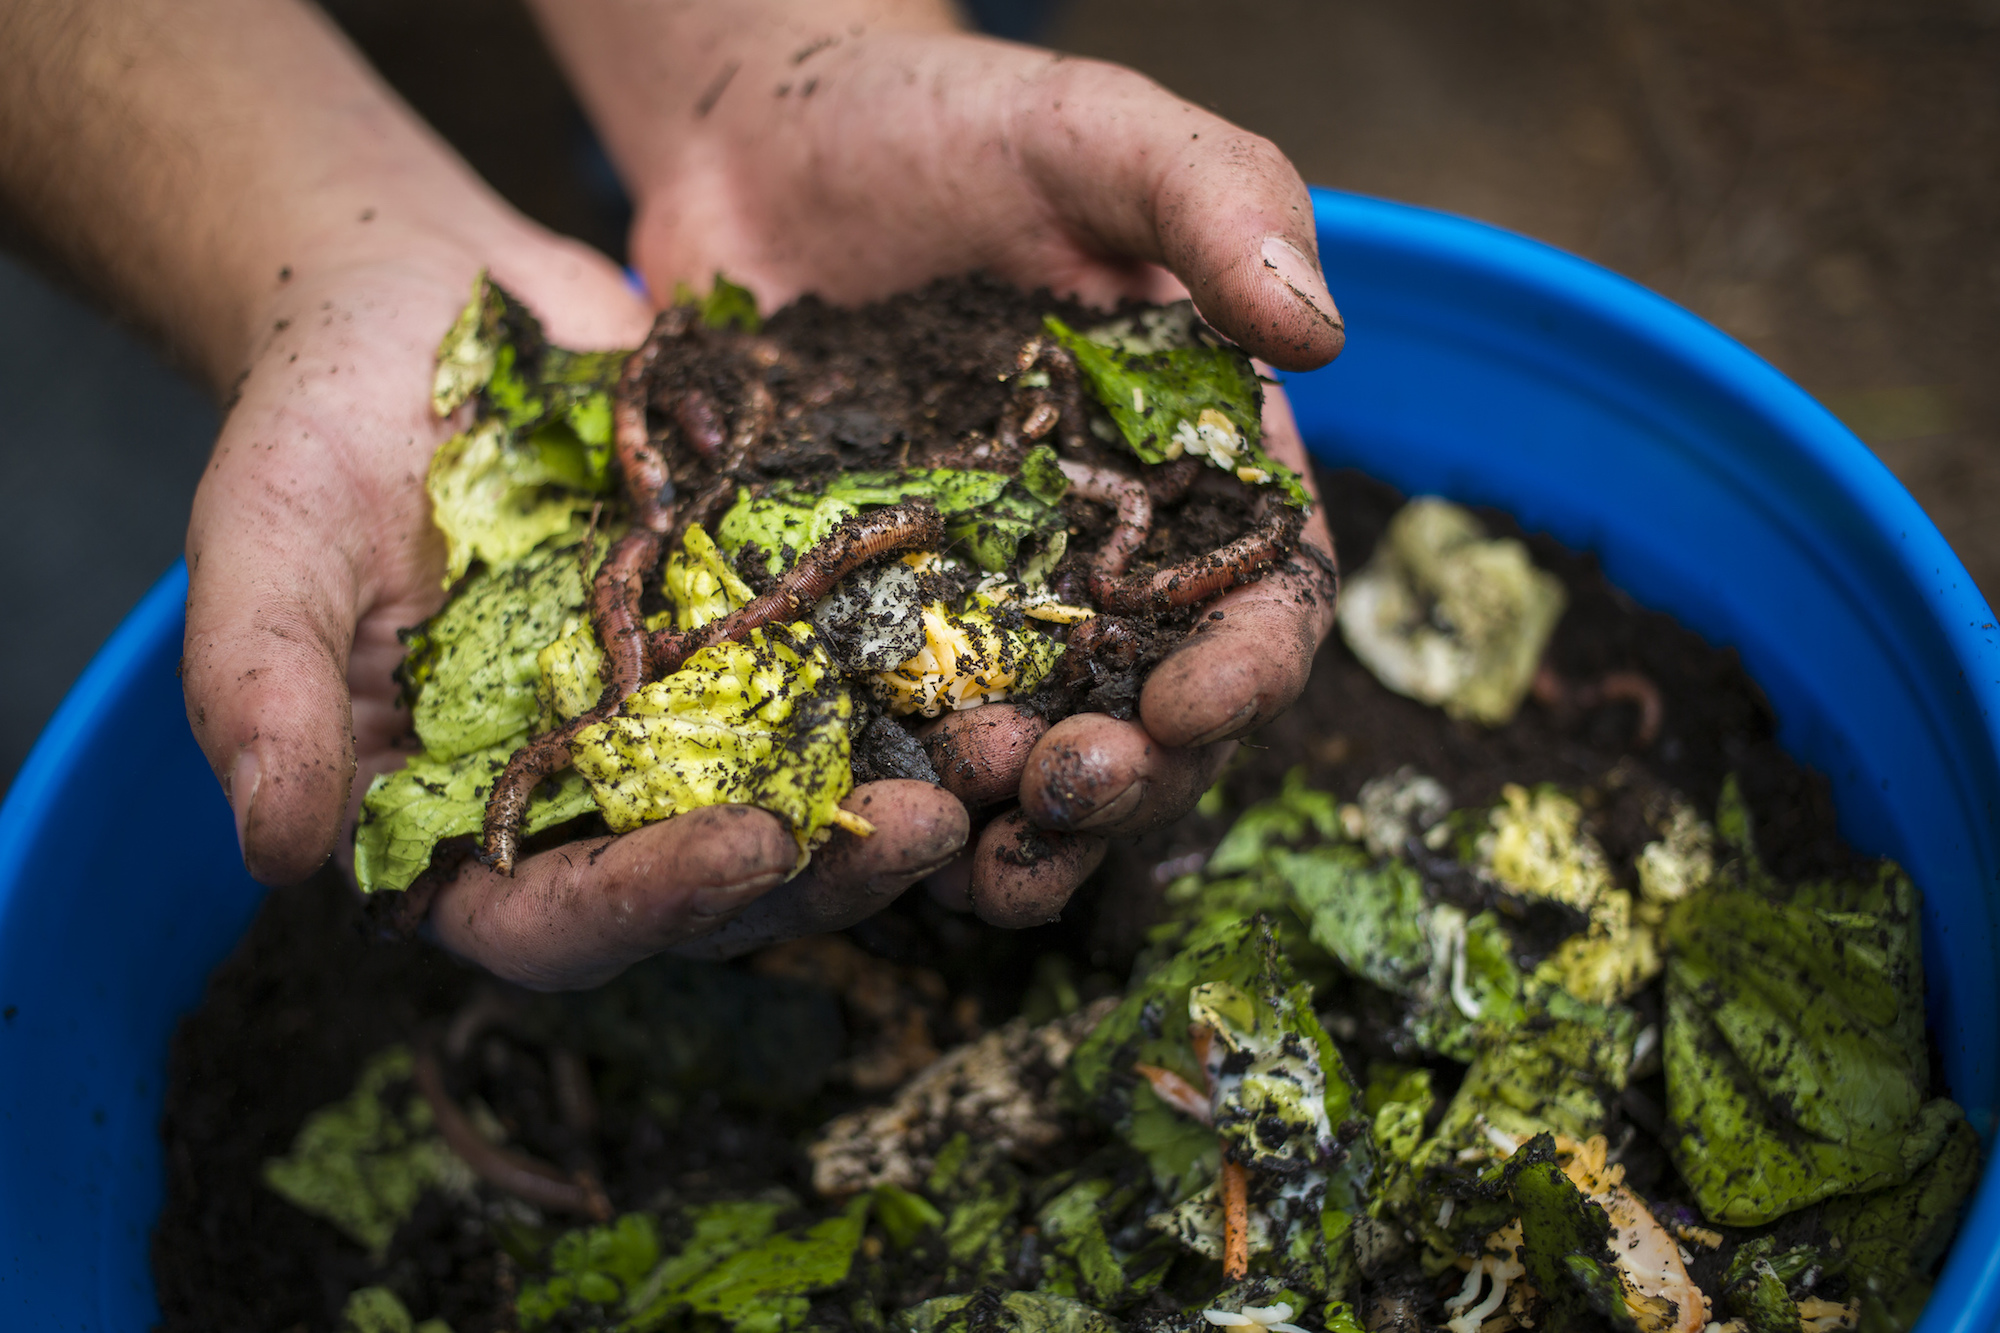 Composting in Paris